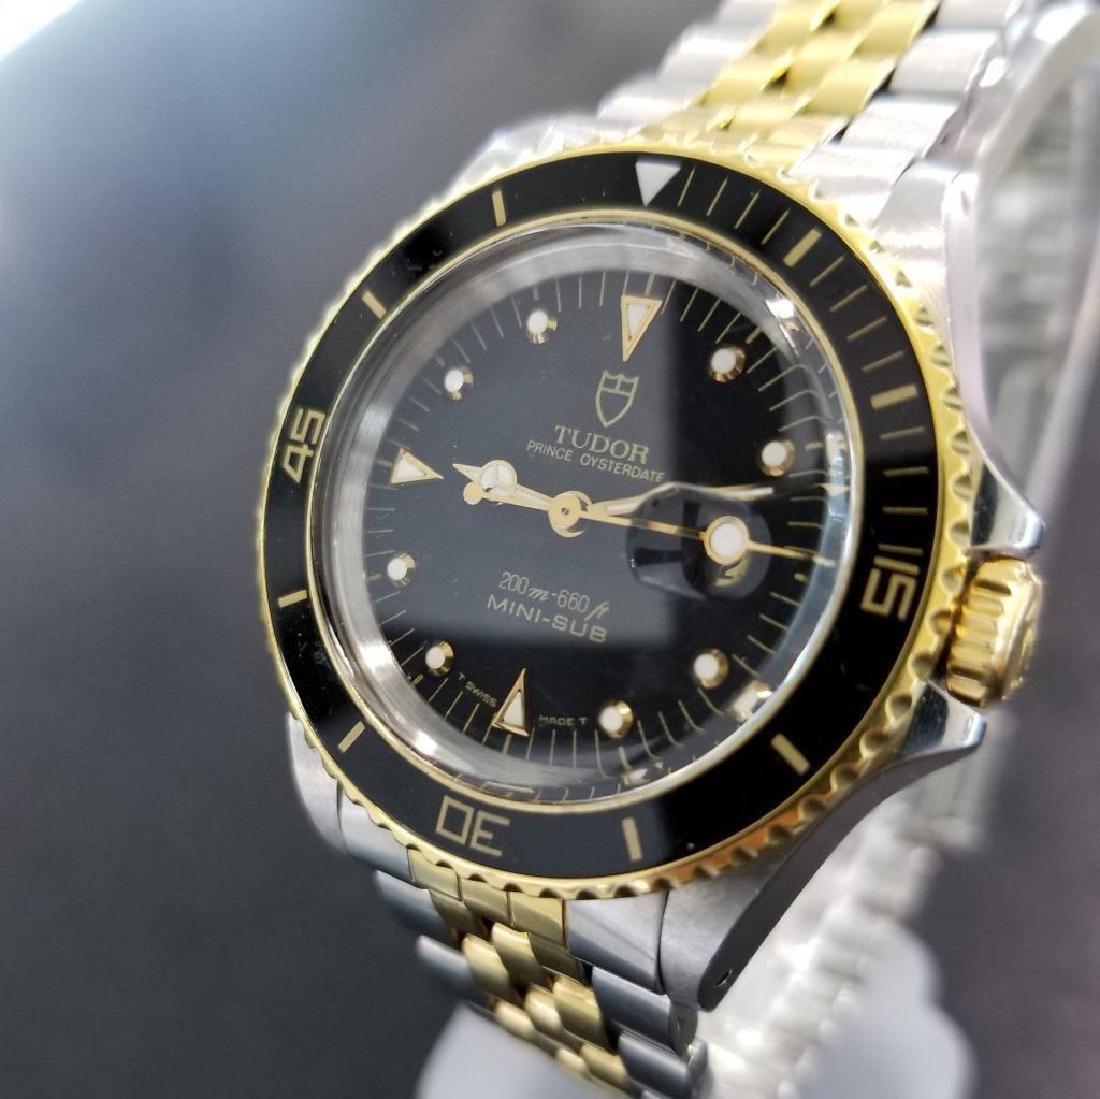 764b57bd05 Rolex Tudor 1960 Prince Oysterdate Mini-Sub 73091 Boy - Mar 14, 2018 |  Jasper52 in NY